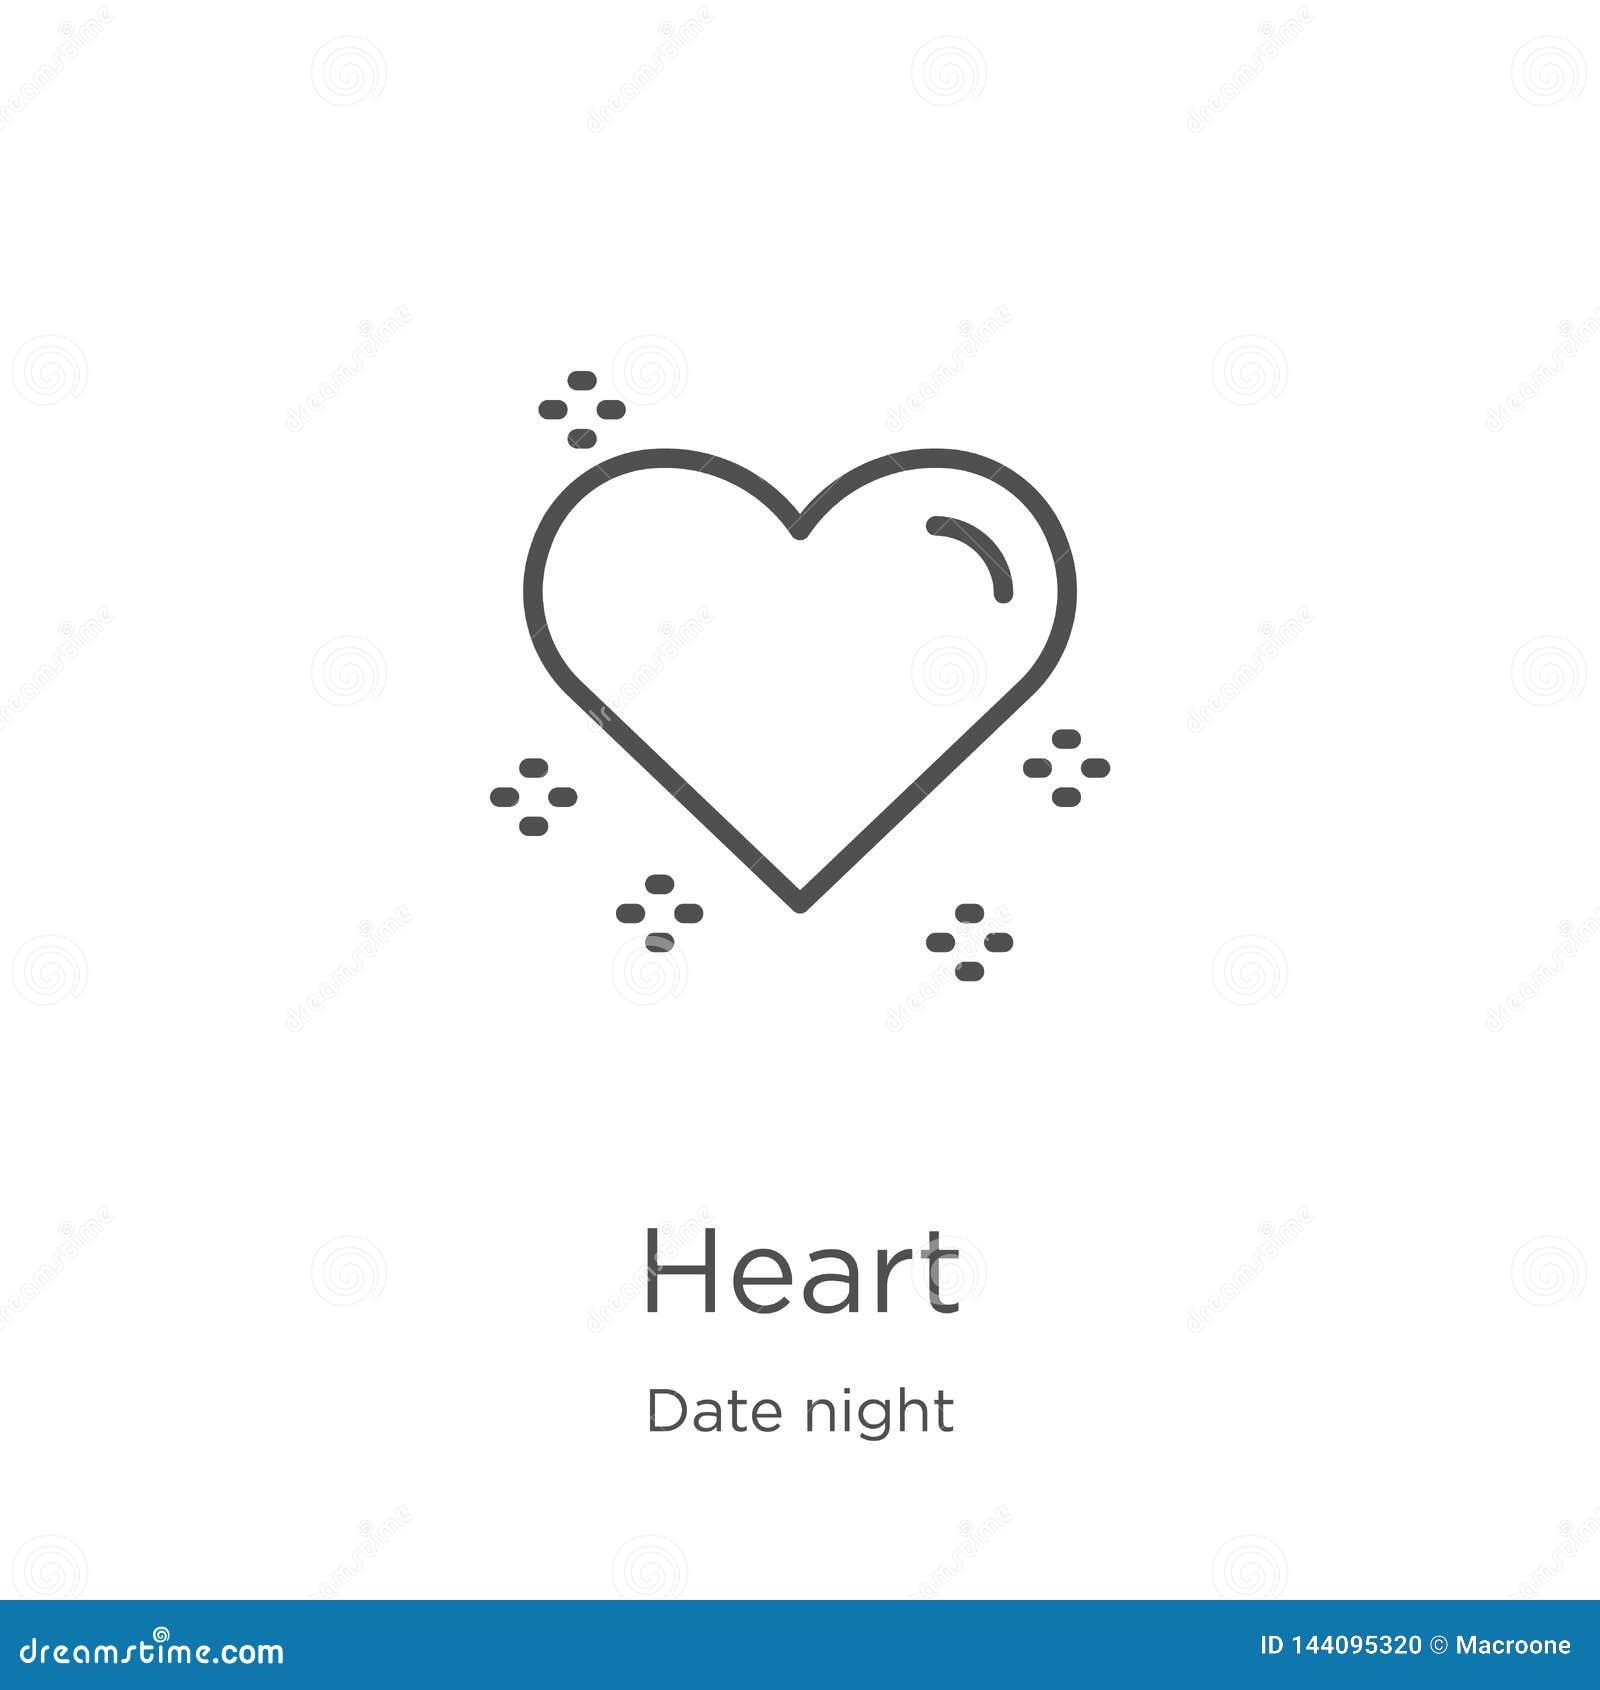 Vetor do ícone do coração da coleção da noite da data Linha fina ilustração do vetor do ícone do esboço do coração Esboço, linha